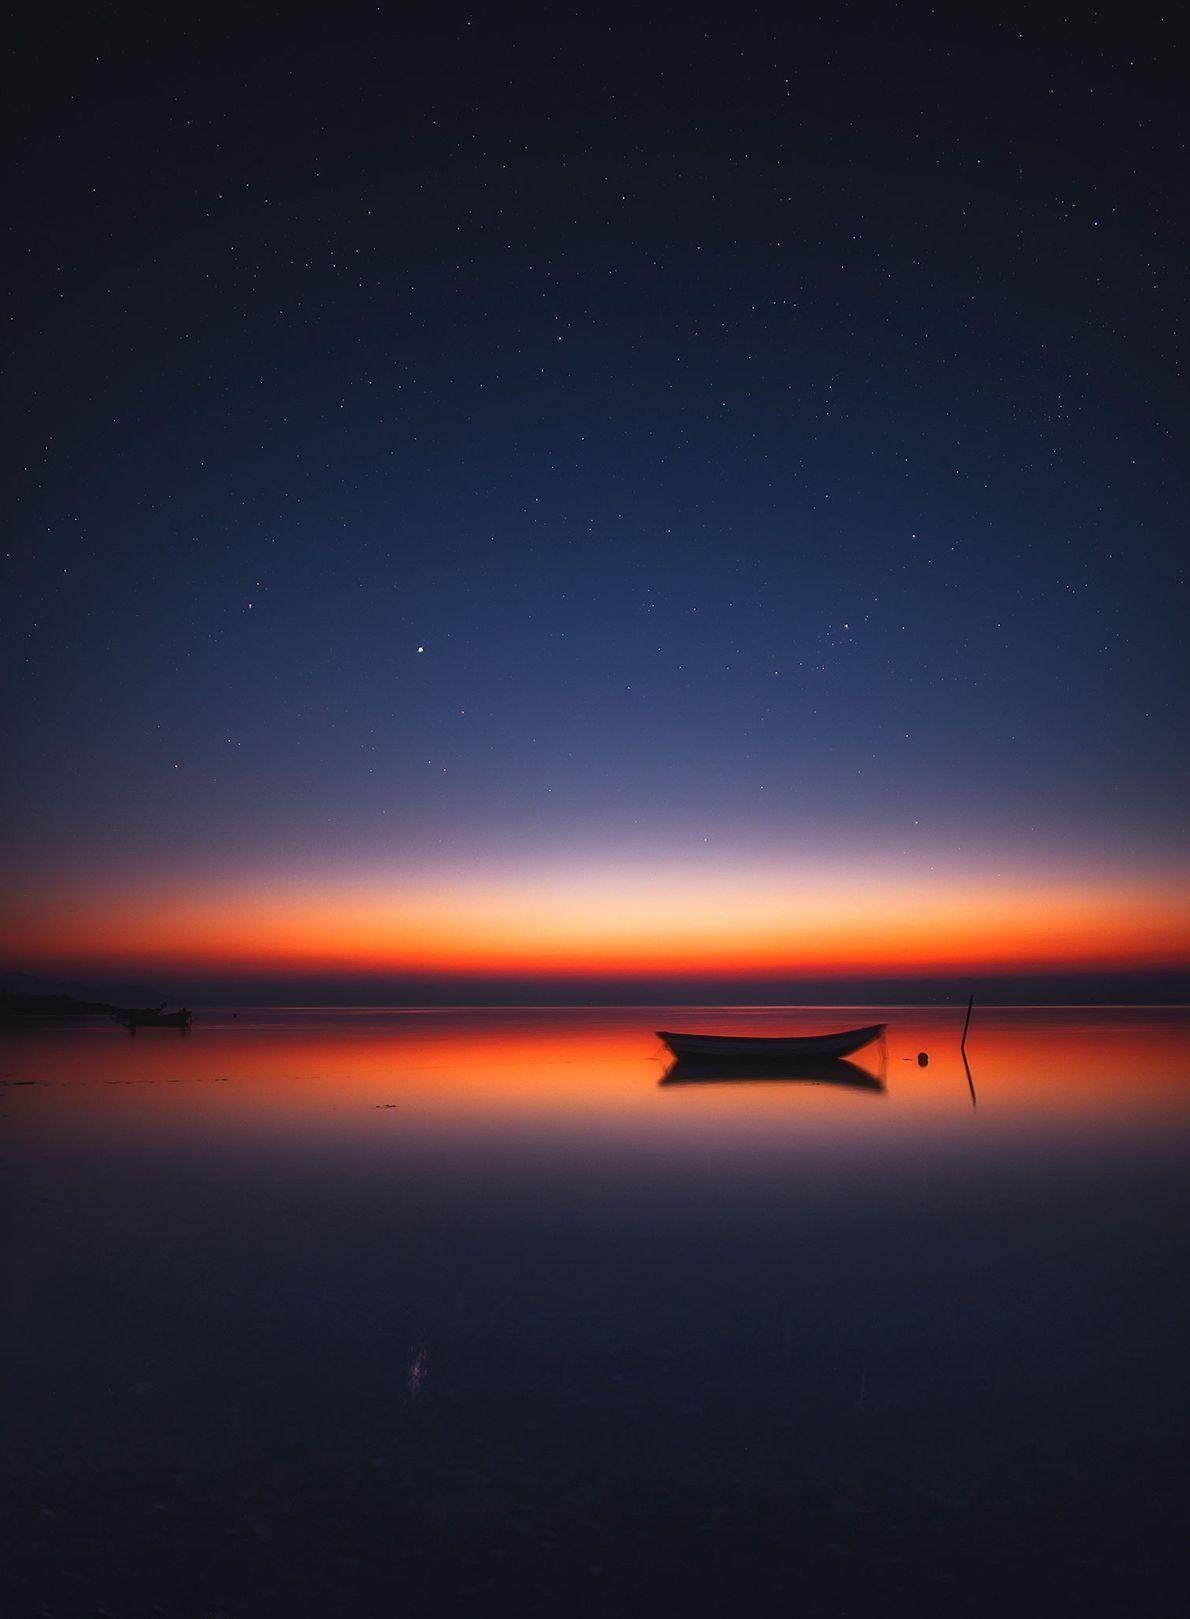 Des lueurs orangées s'emparent de la nuit noire par-dessus le Limfjord à Nykøbing Mors au Danemark.